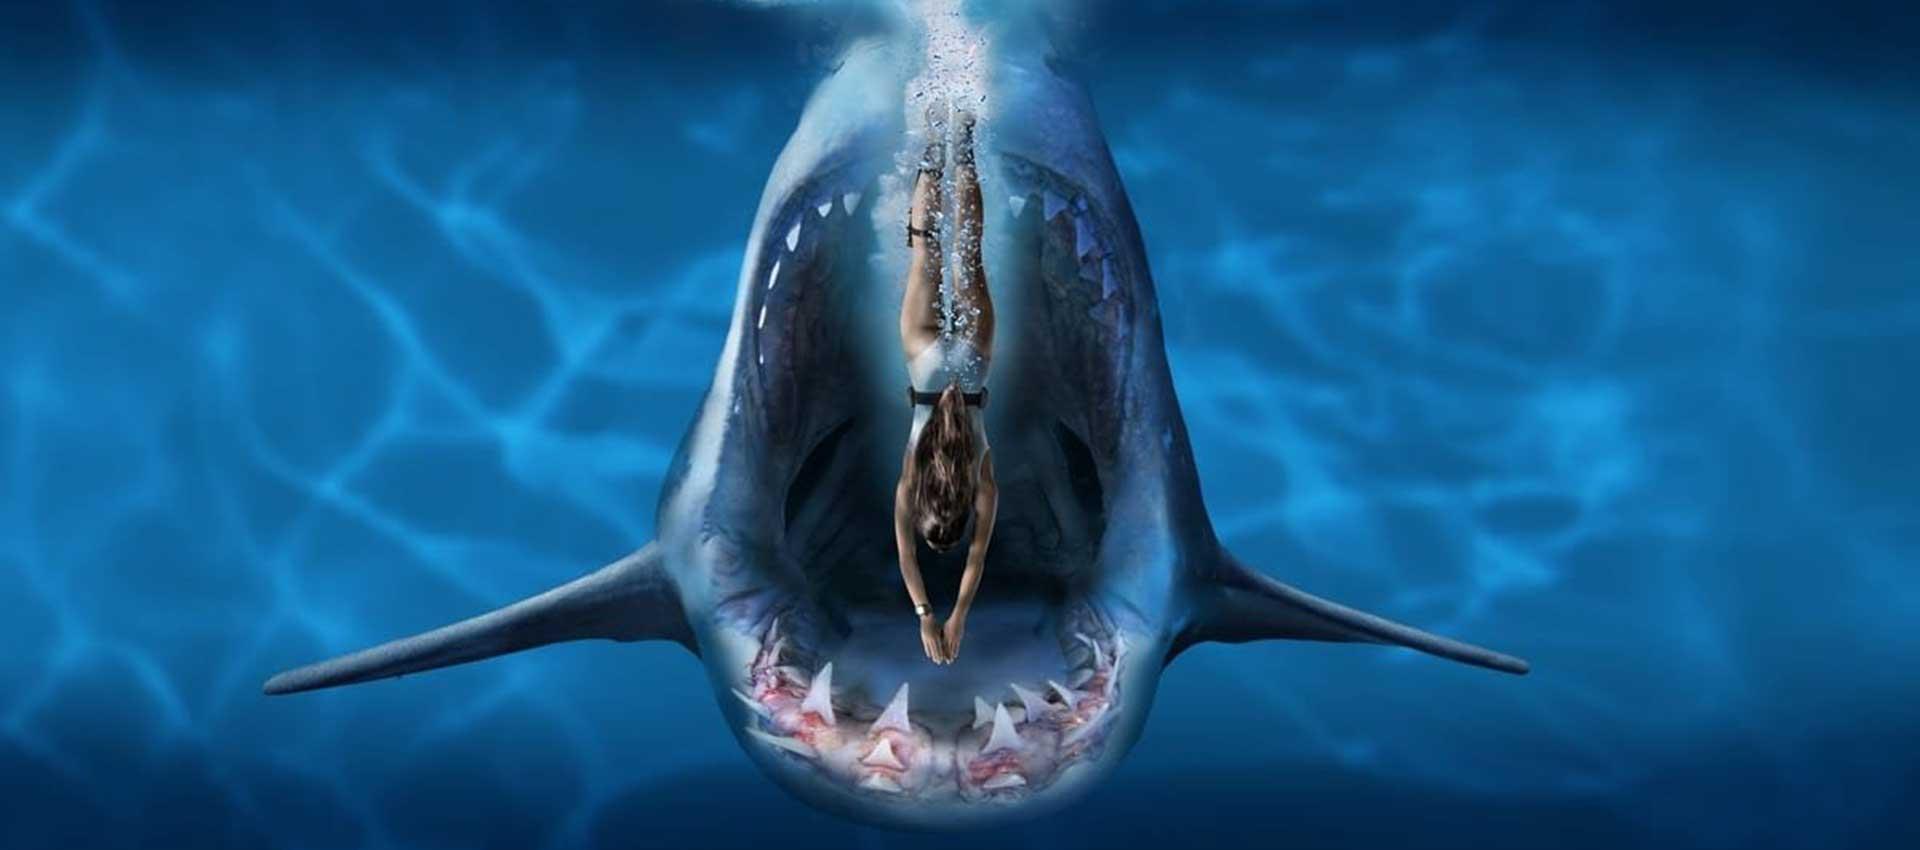 Deep Blue Sea 3 İzle türkçe izle hd izle